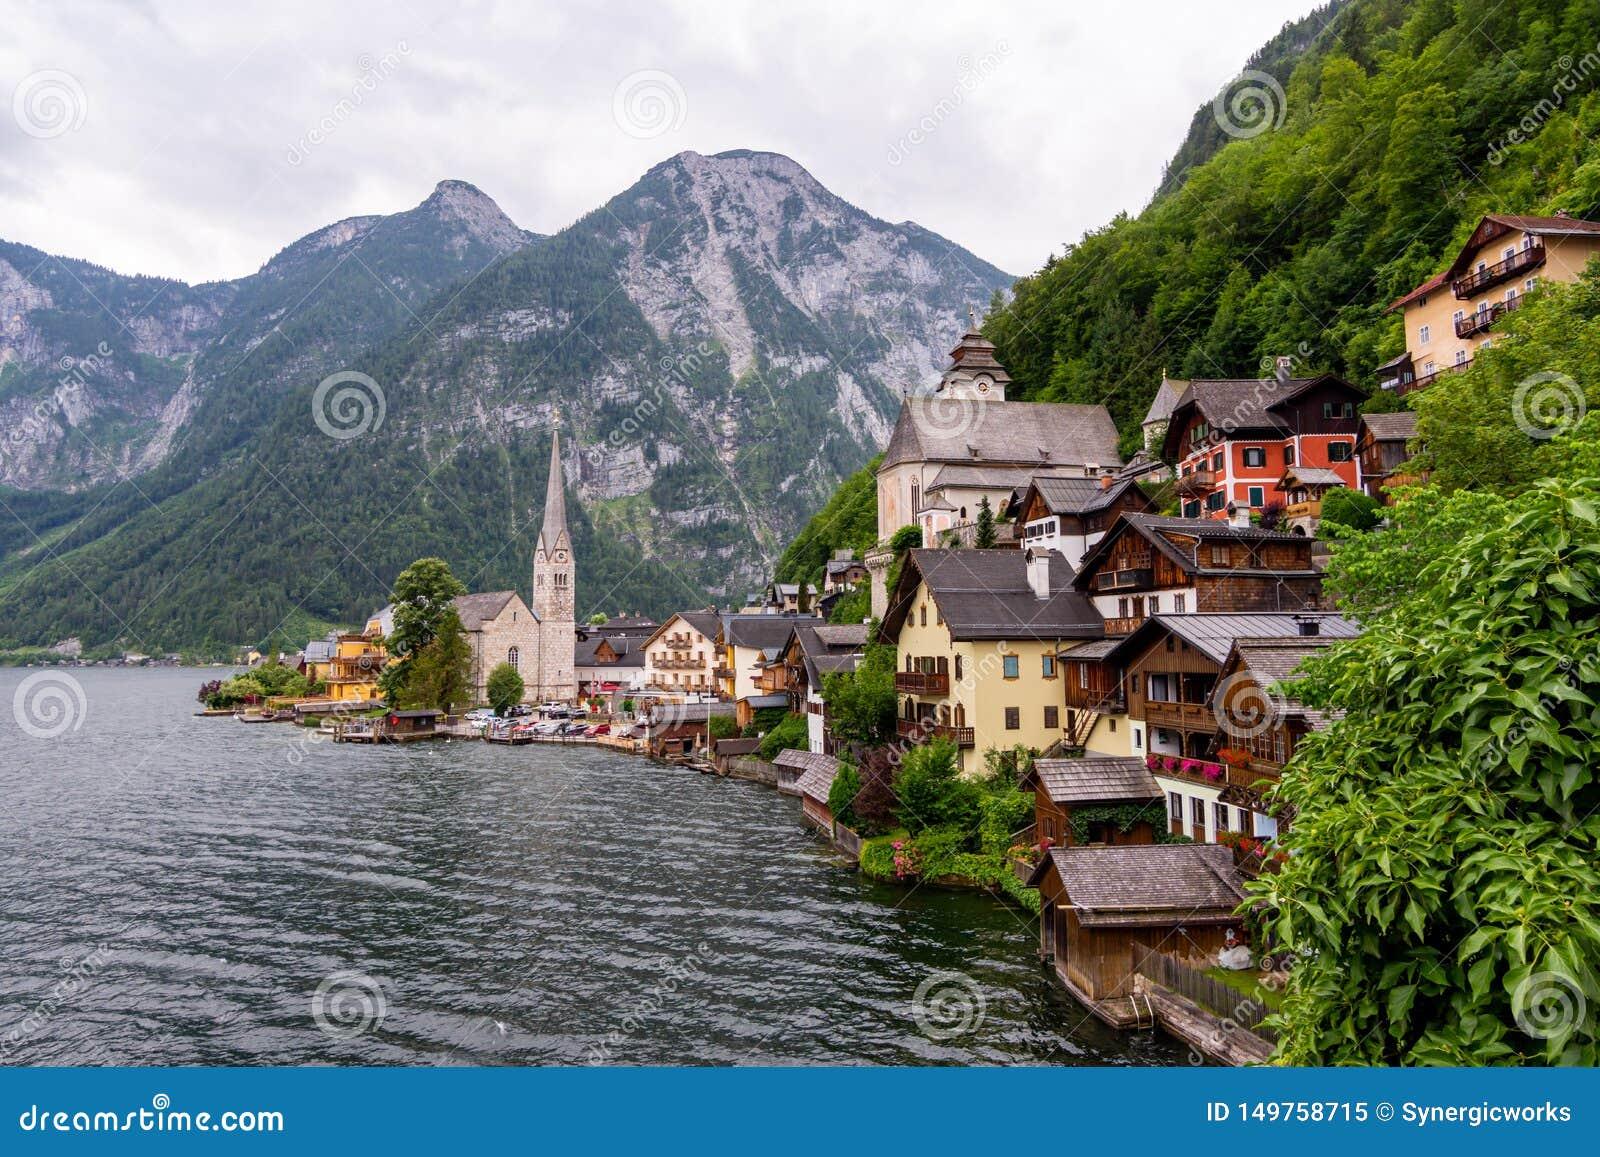 Vista pitoresca da vila de Hallstatt, situada no banco do lago Hallstatter, montanhas altas dos cumes, Áustria